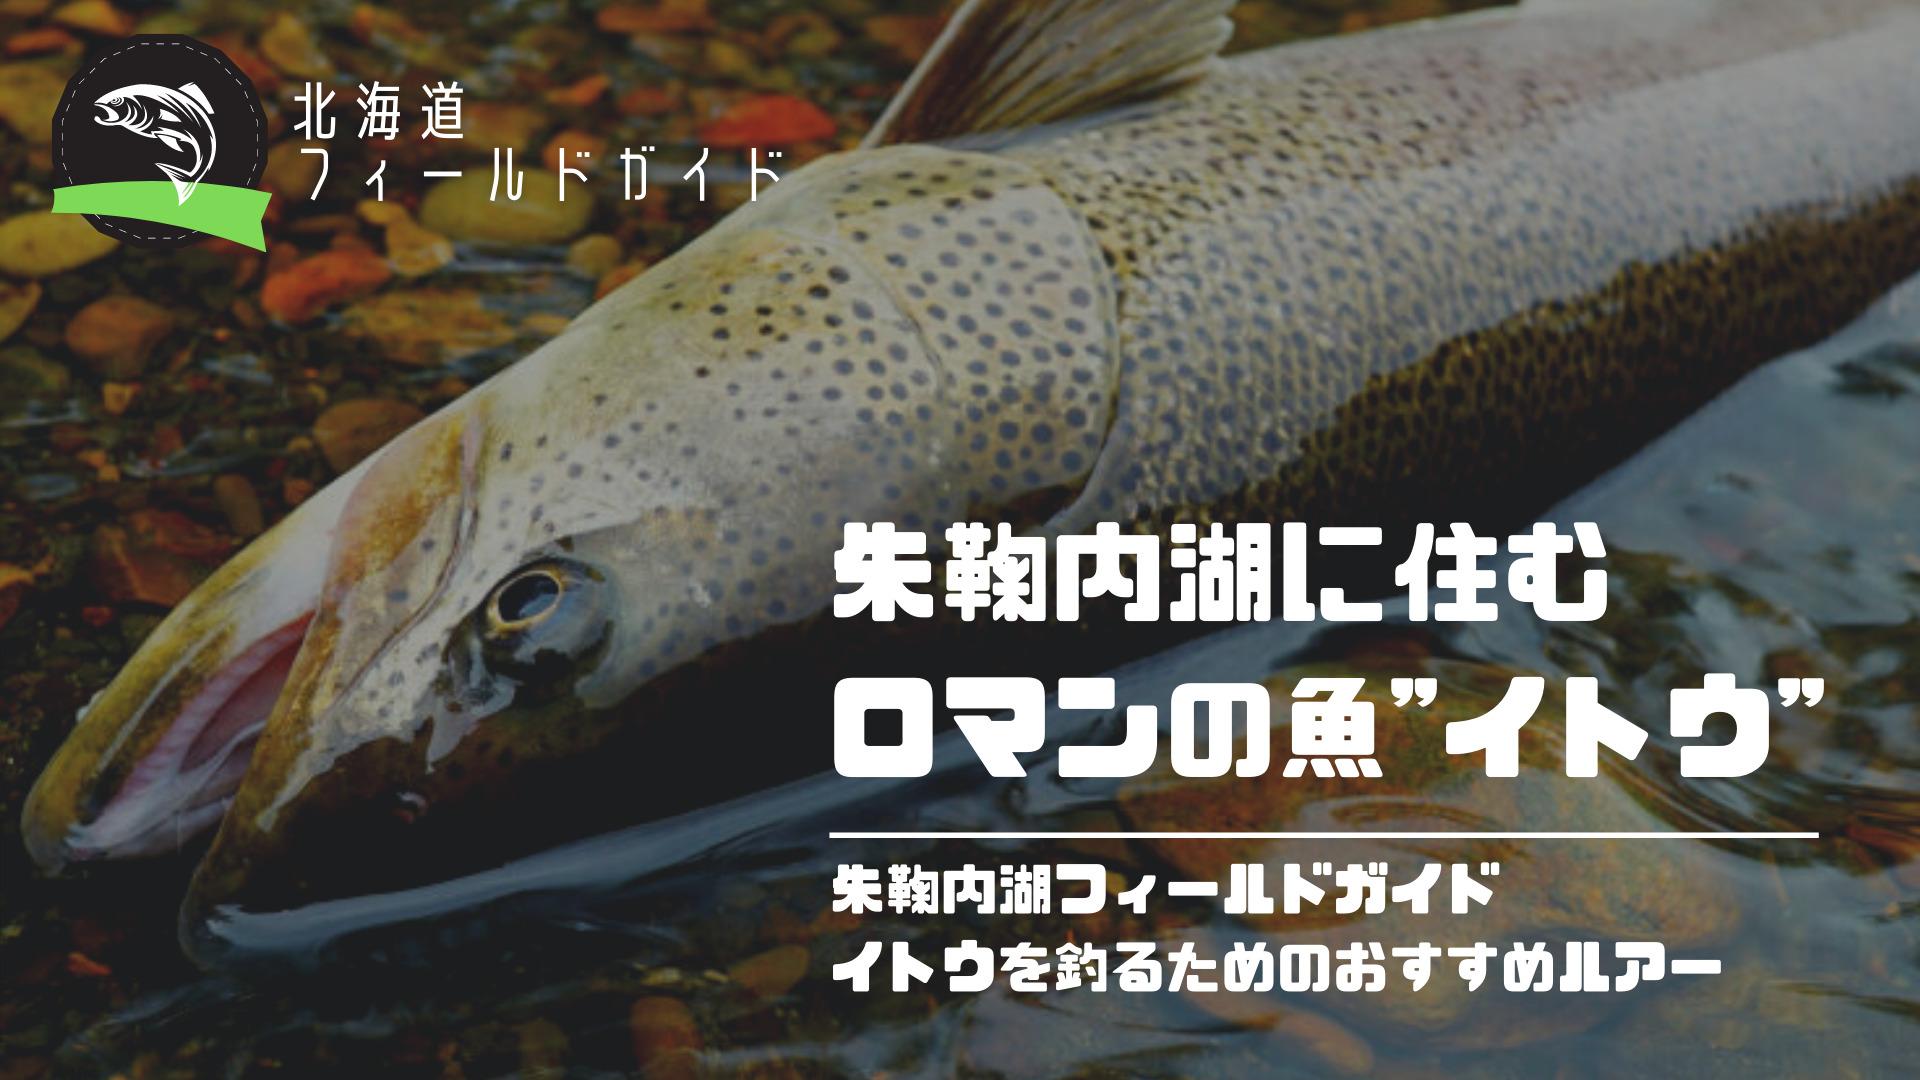 幻の魚「イトウ」が釣れる北海道の朱鞠内湖!地元民がおすすめルアー3選と釣れるトラウトの種類を解説